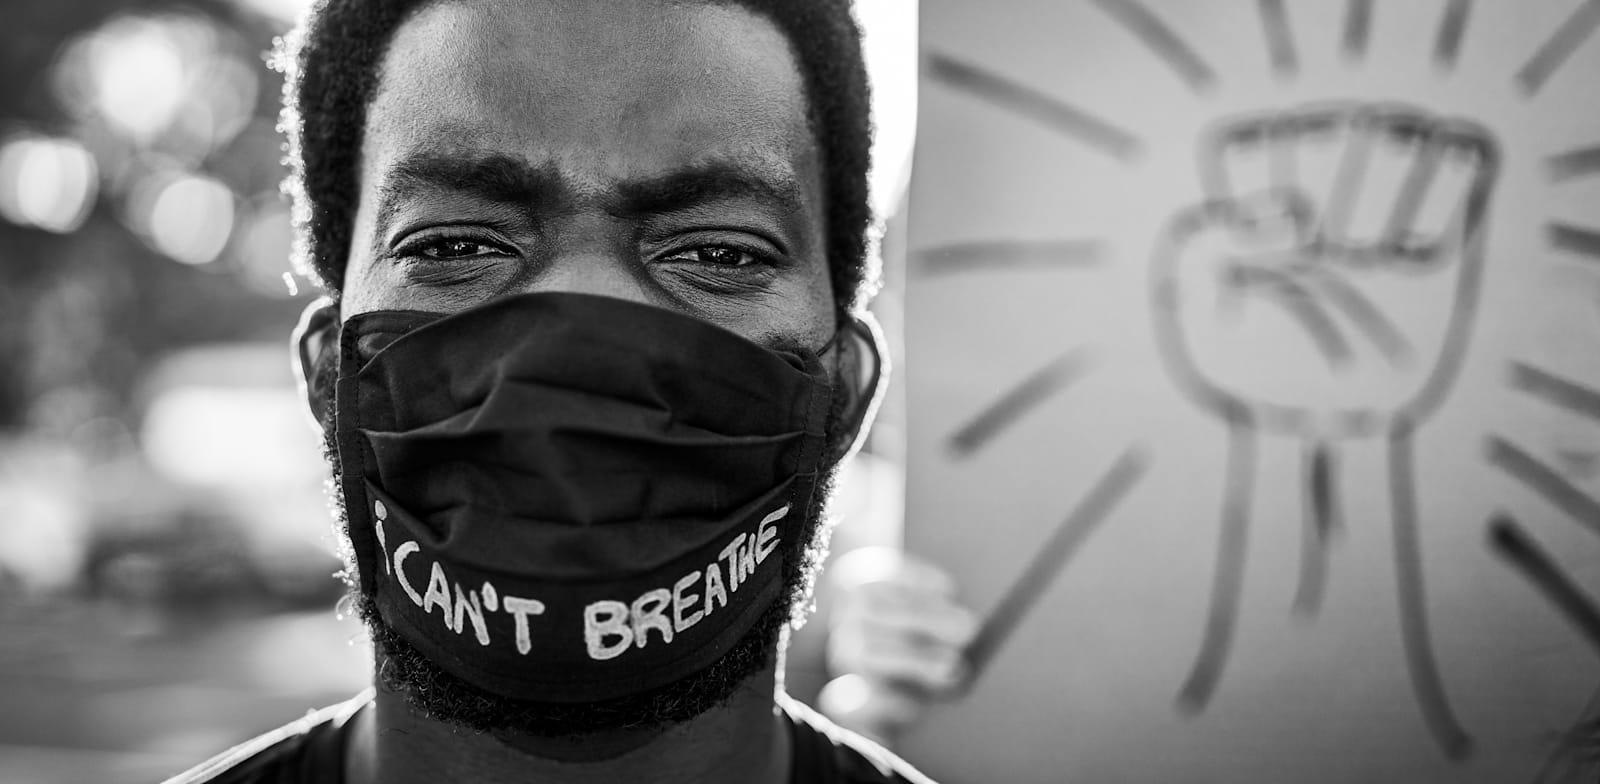 הפגנת ׳חיי שחורים נחשבים׳ / צילום: Shutterstock